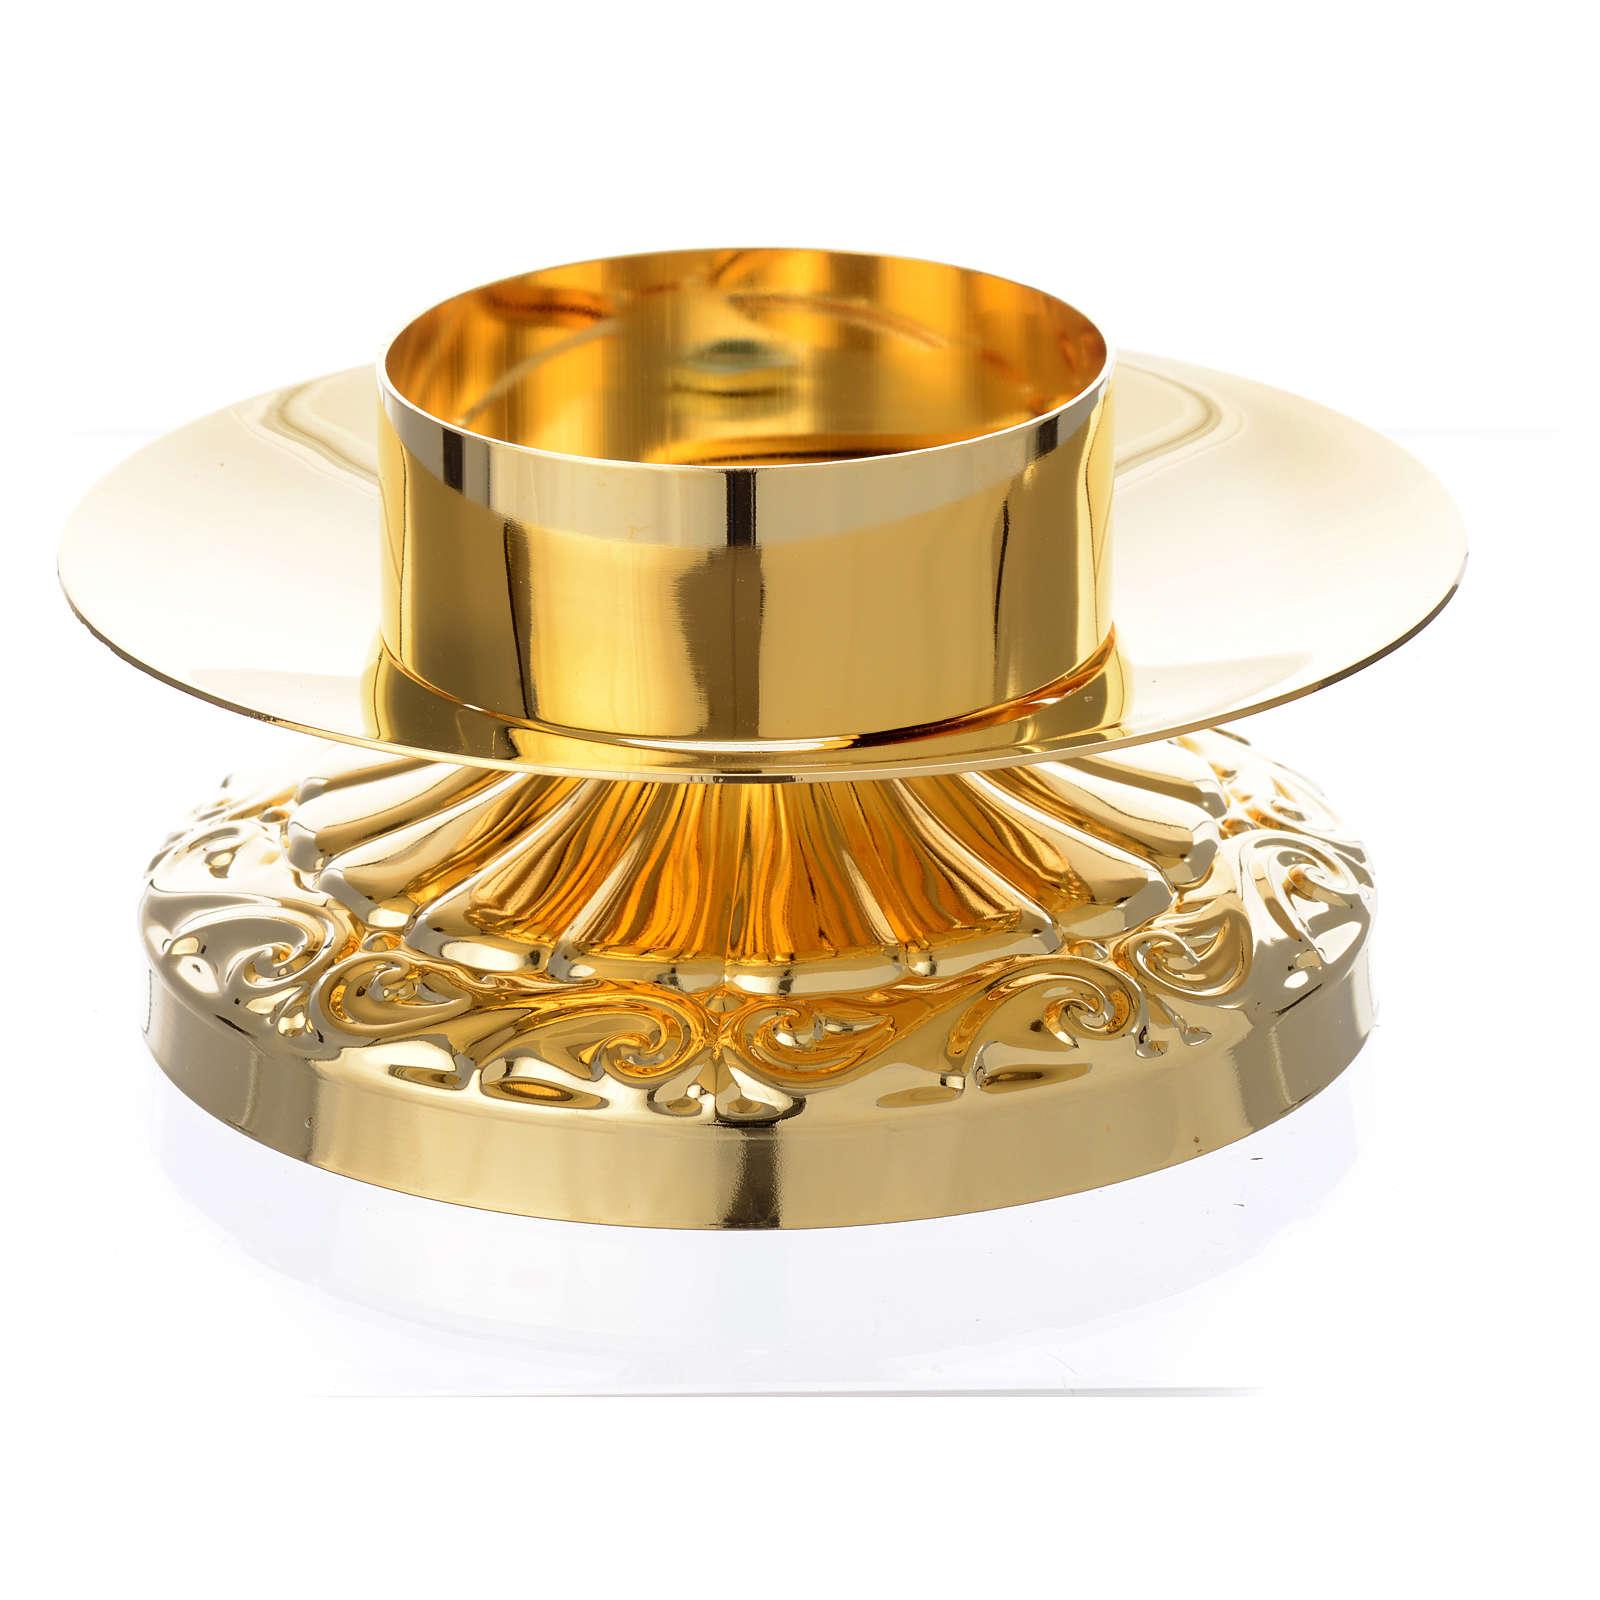 Candelero estilo imperio latón dorado 4